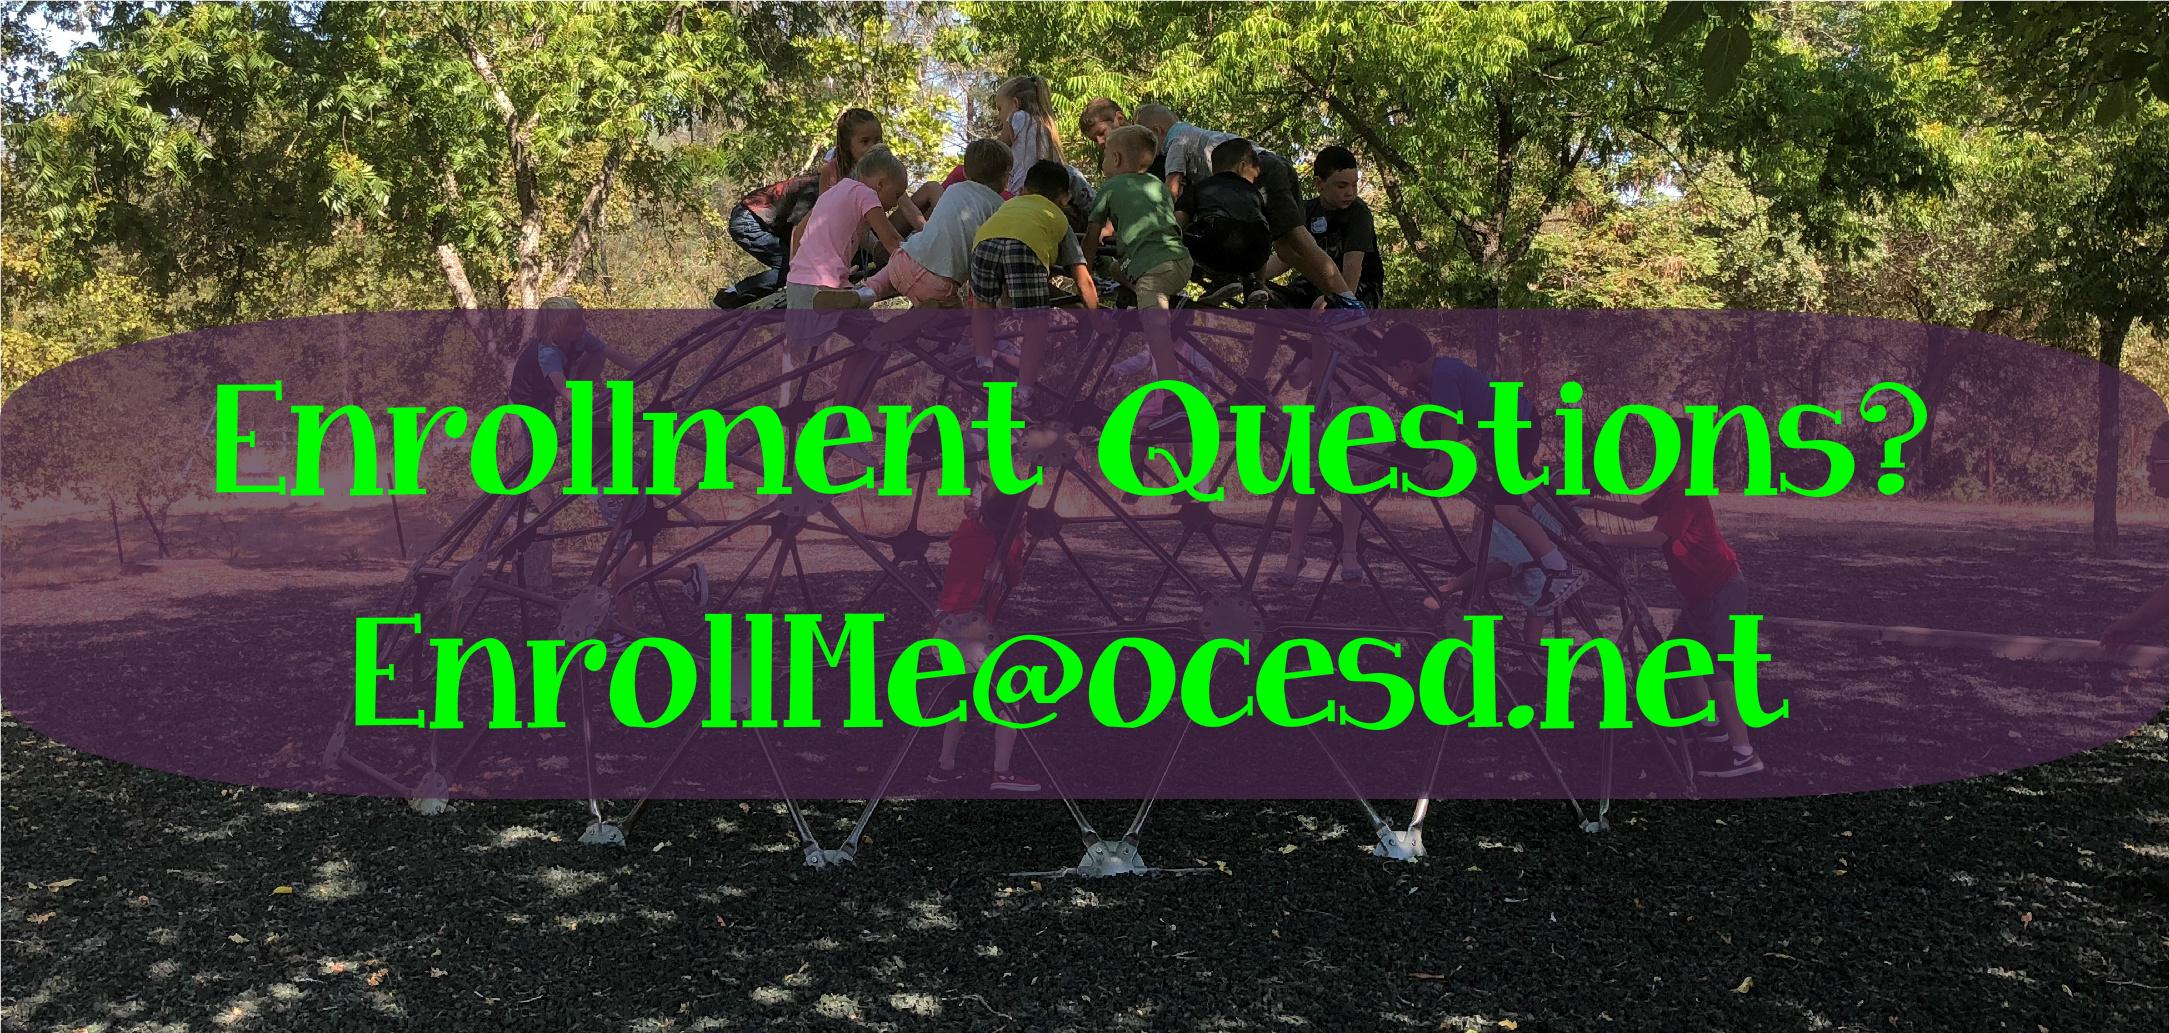 EnrollMe@ocesd.net